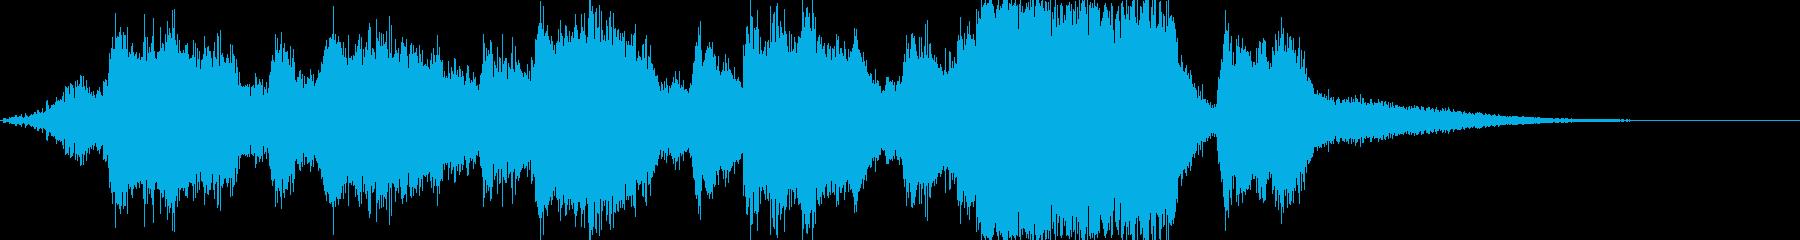 レベルアップや、ゲームクリア時のSEの再生済みの波形